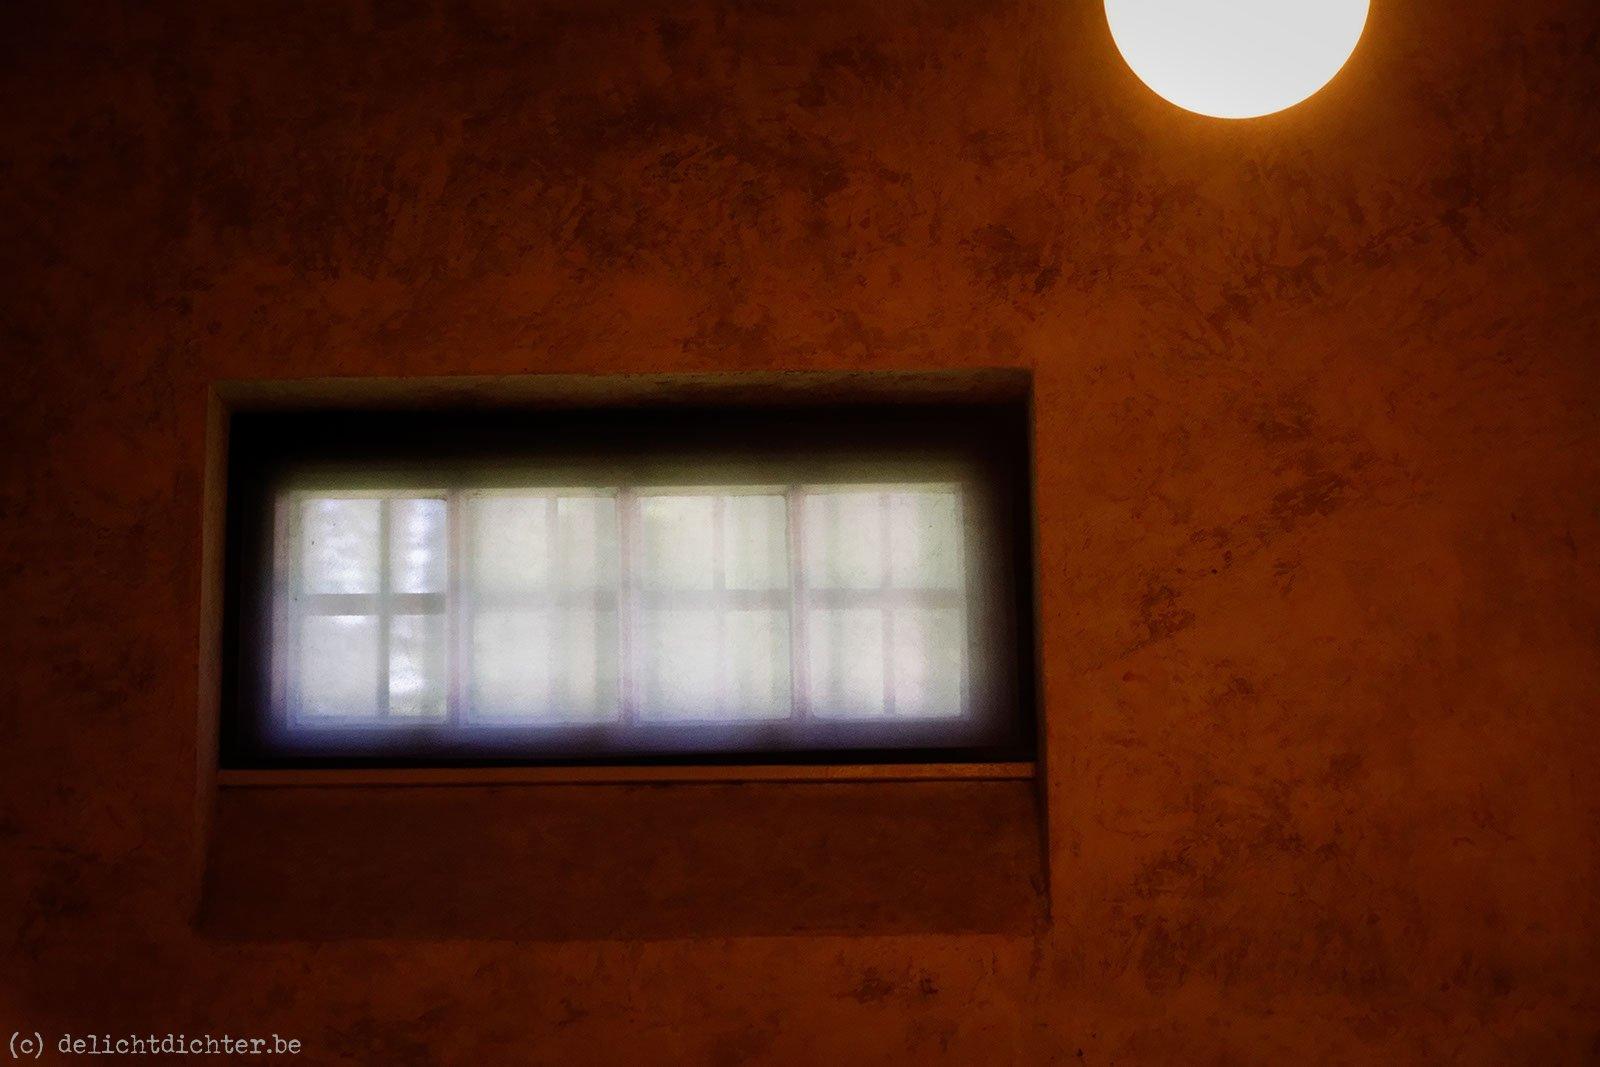 2014_07_Dachau_20140719_094438_DxO_v9